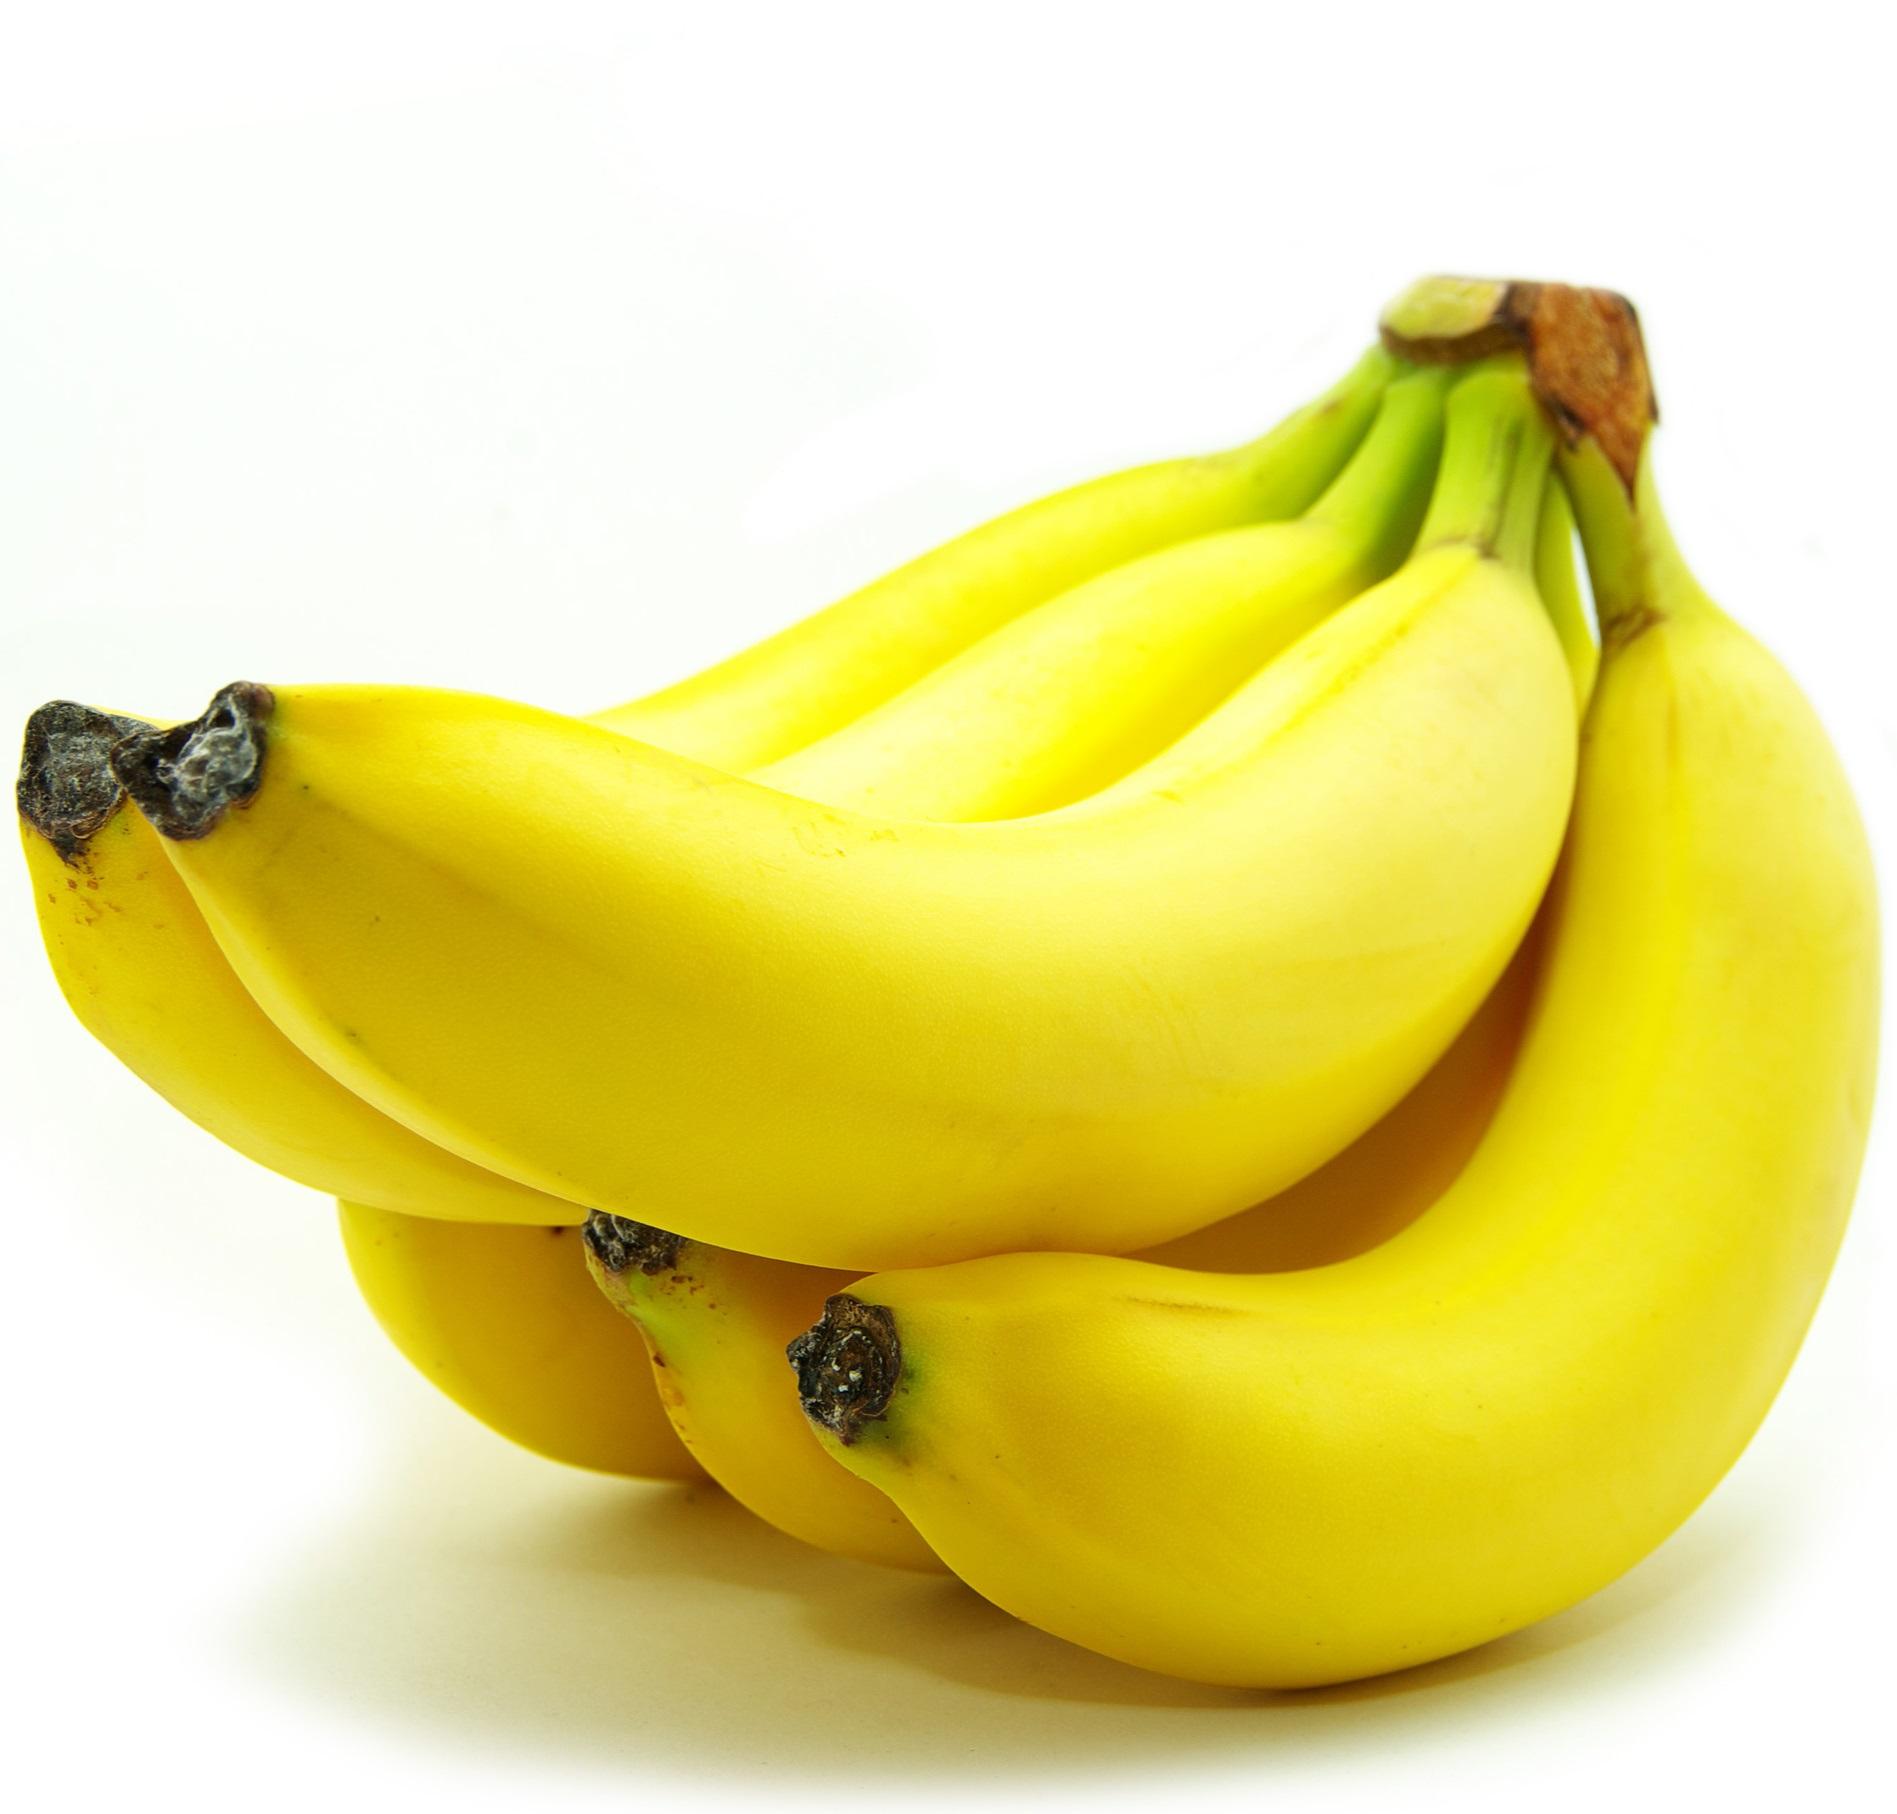 bananas for better sleep